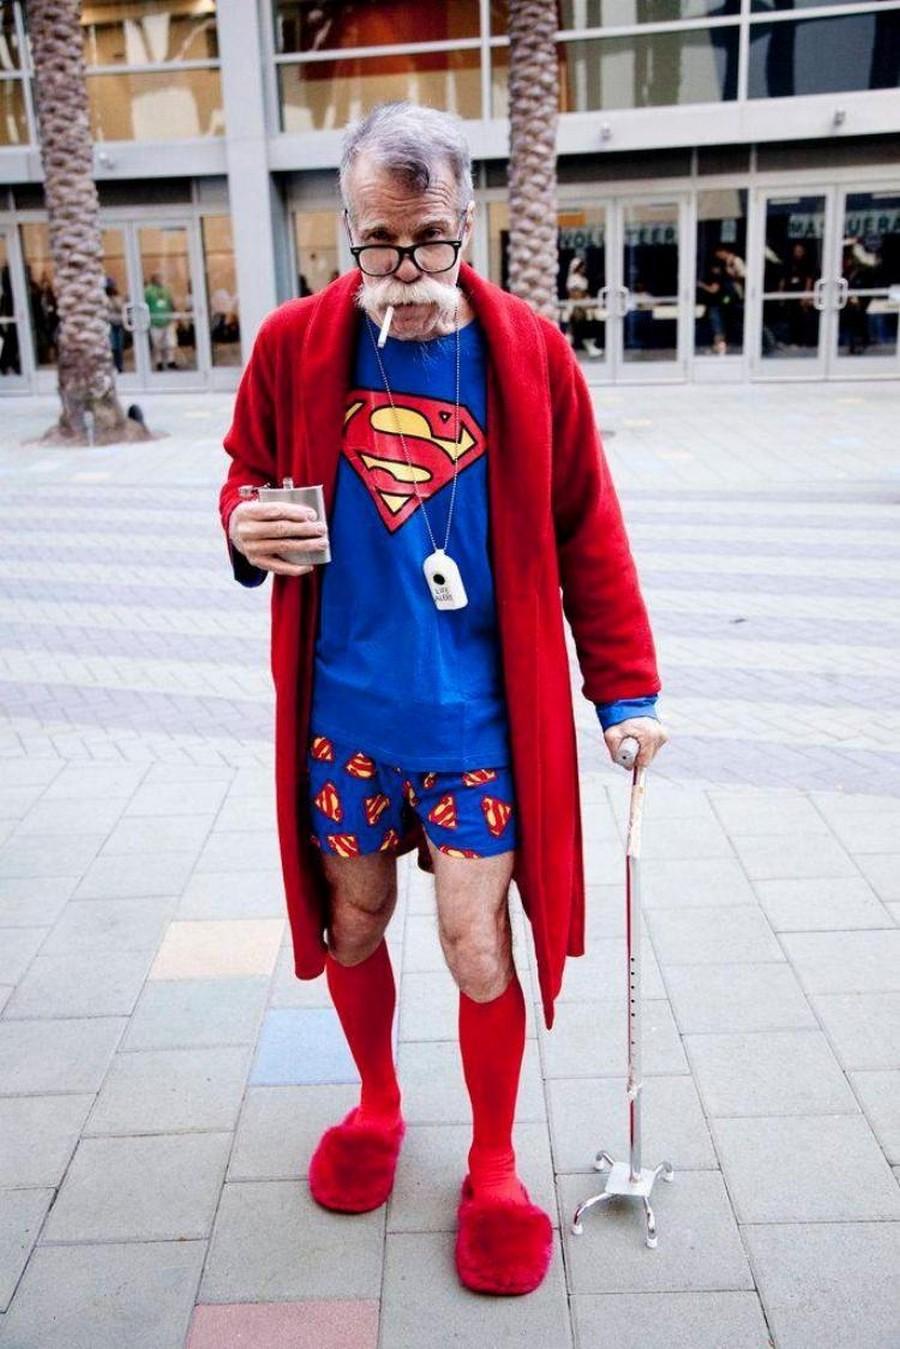 Картинка супермена прикольная, надписью люблю